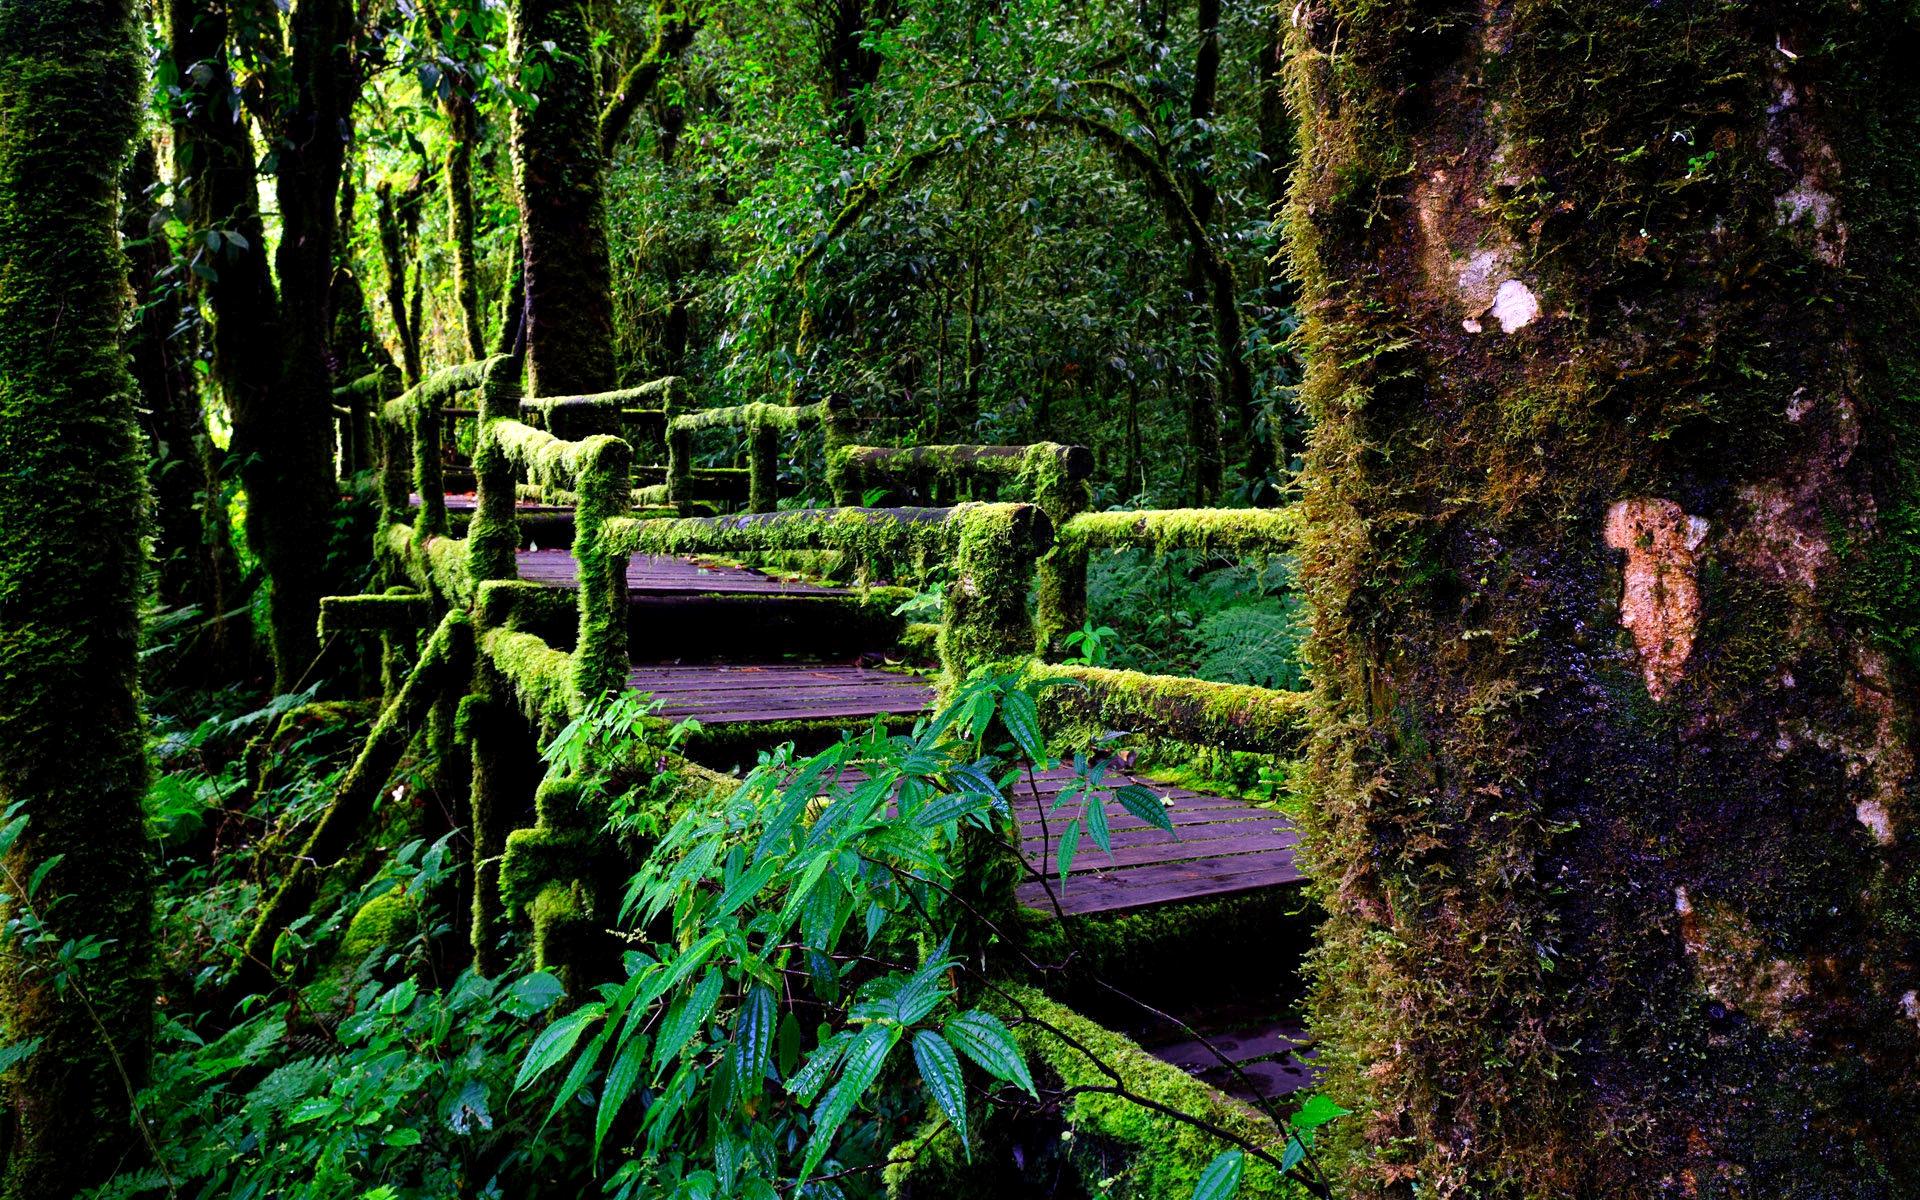 rainforest images - HD...